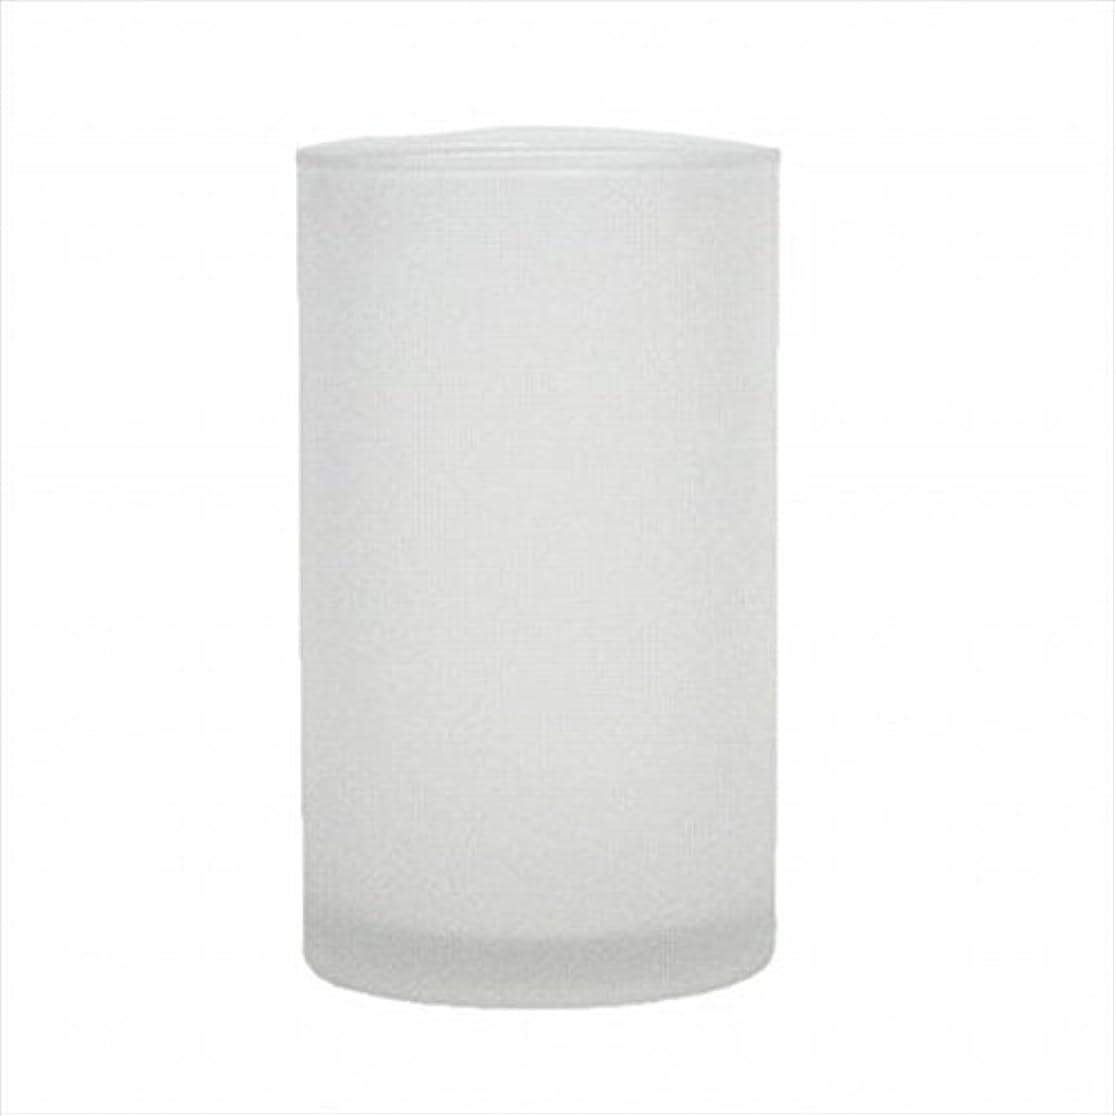 論理老人ベイビーkameyama candle(カメヤマキャンドル) モルカグラスSフロスト キャンドル 90x90x155mm (65980000)